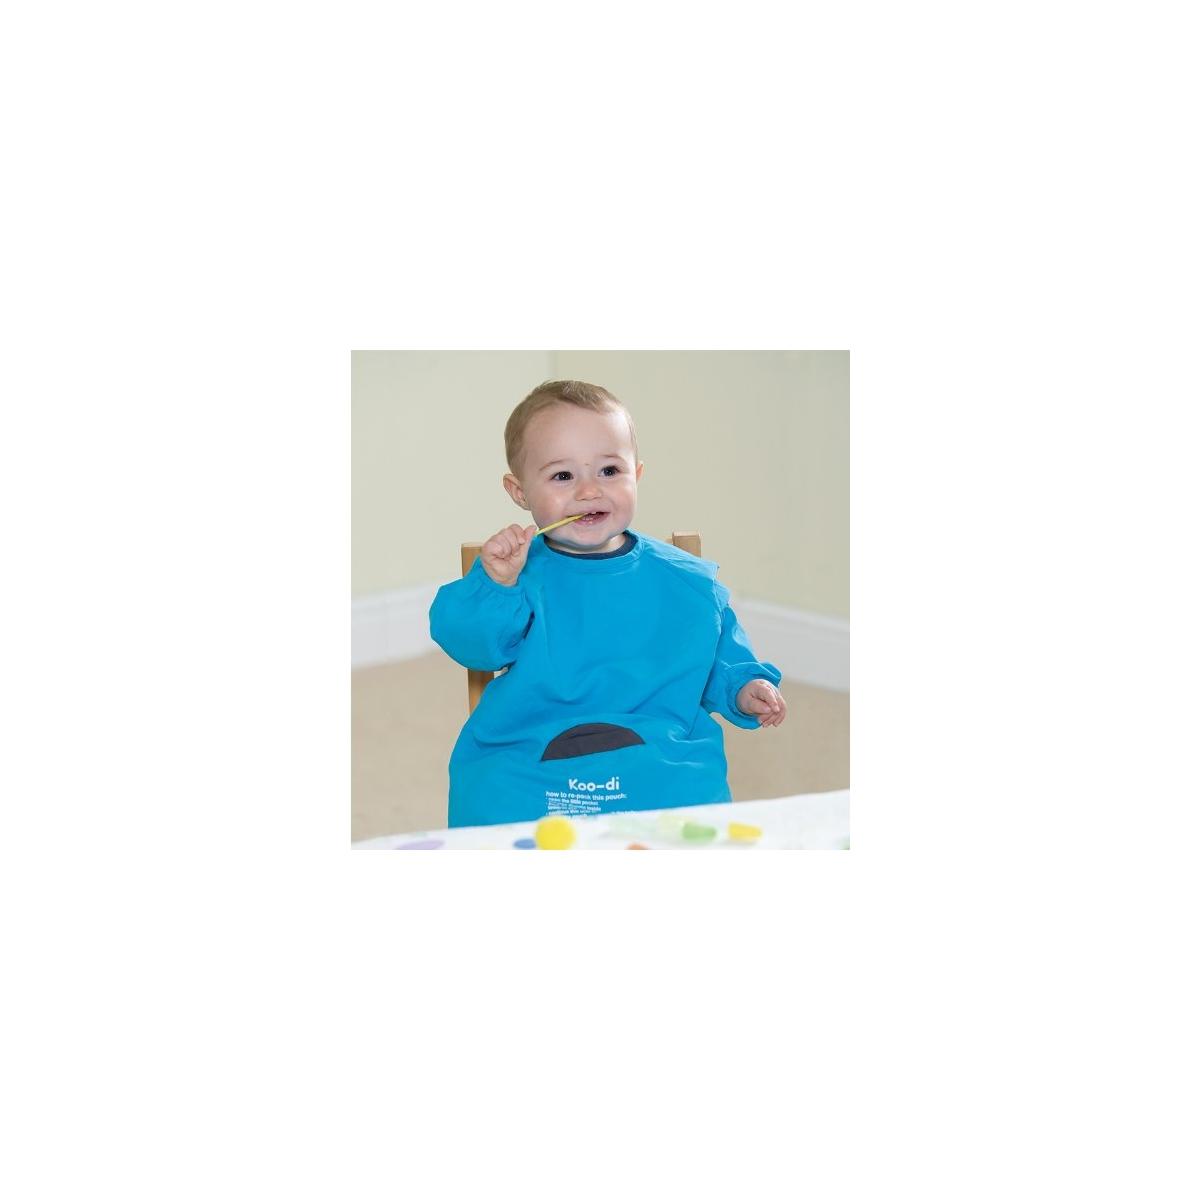 Koo-di Play & Eat Smock-Blue